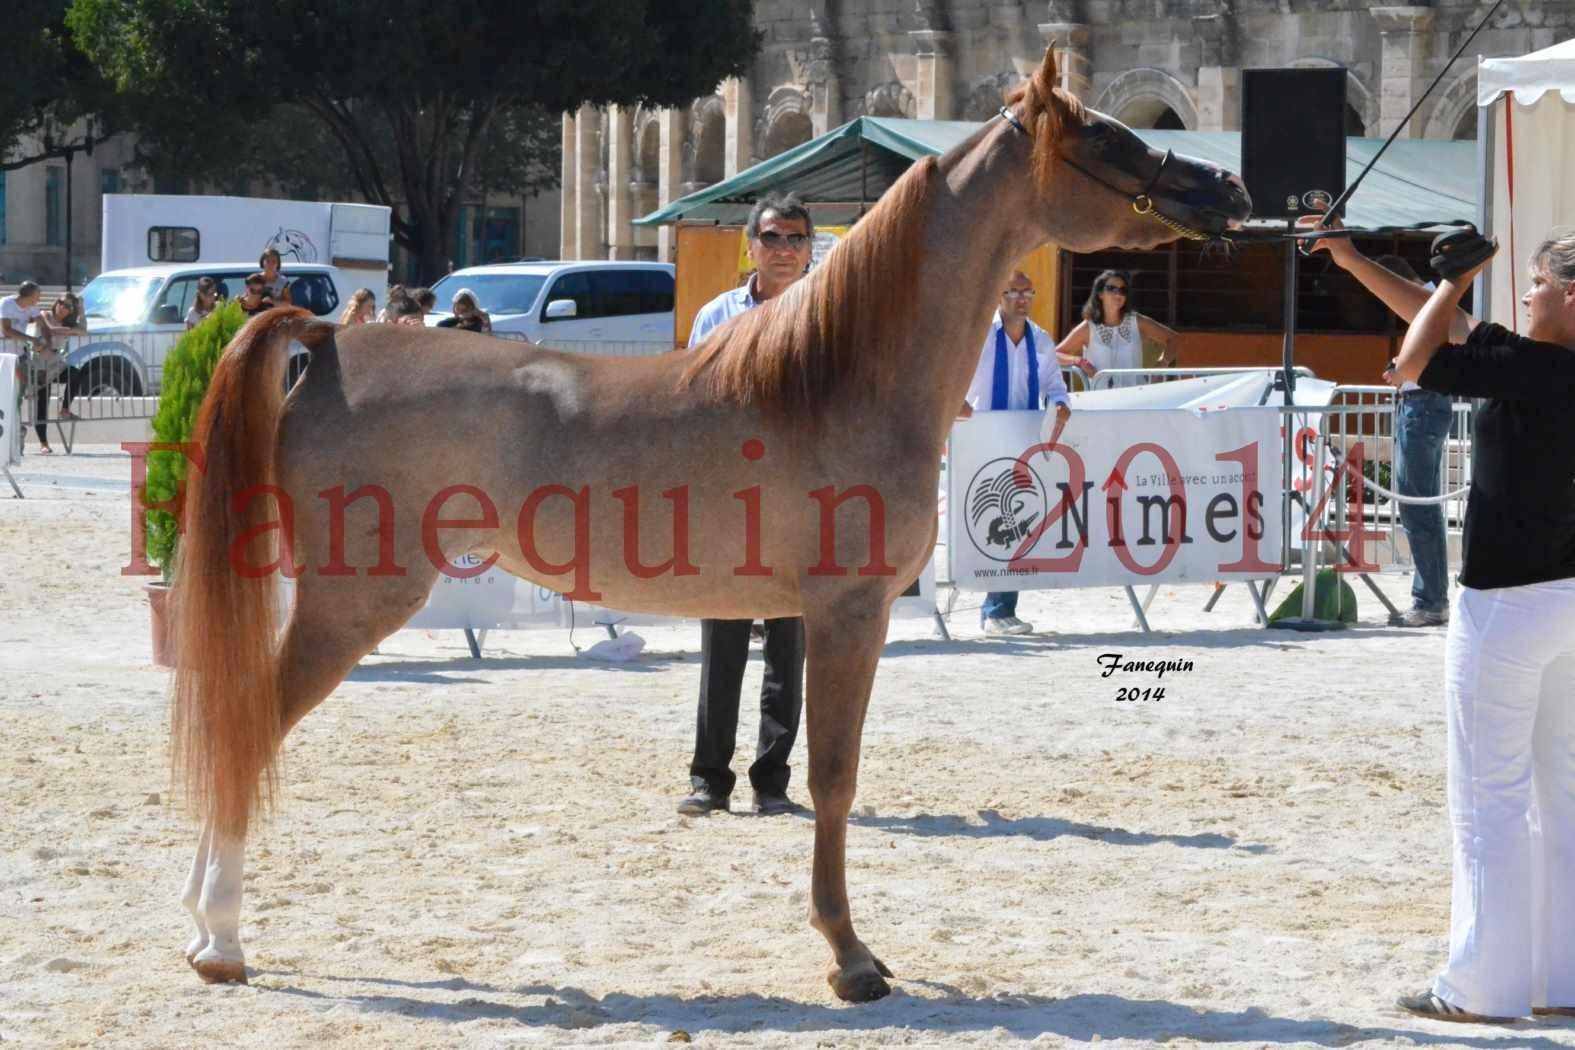 Concours National de Nîmes de chevaux ARABES 2014 - Notre Sélection - ABYSS DE RODET - 9